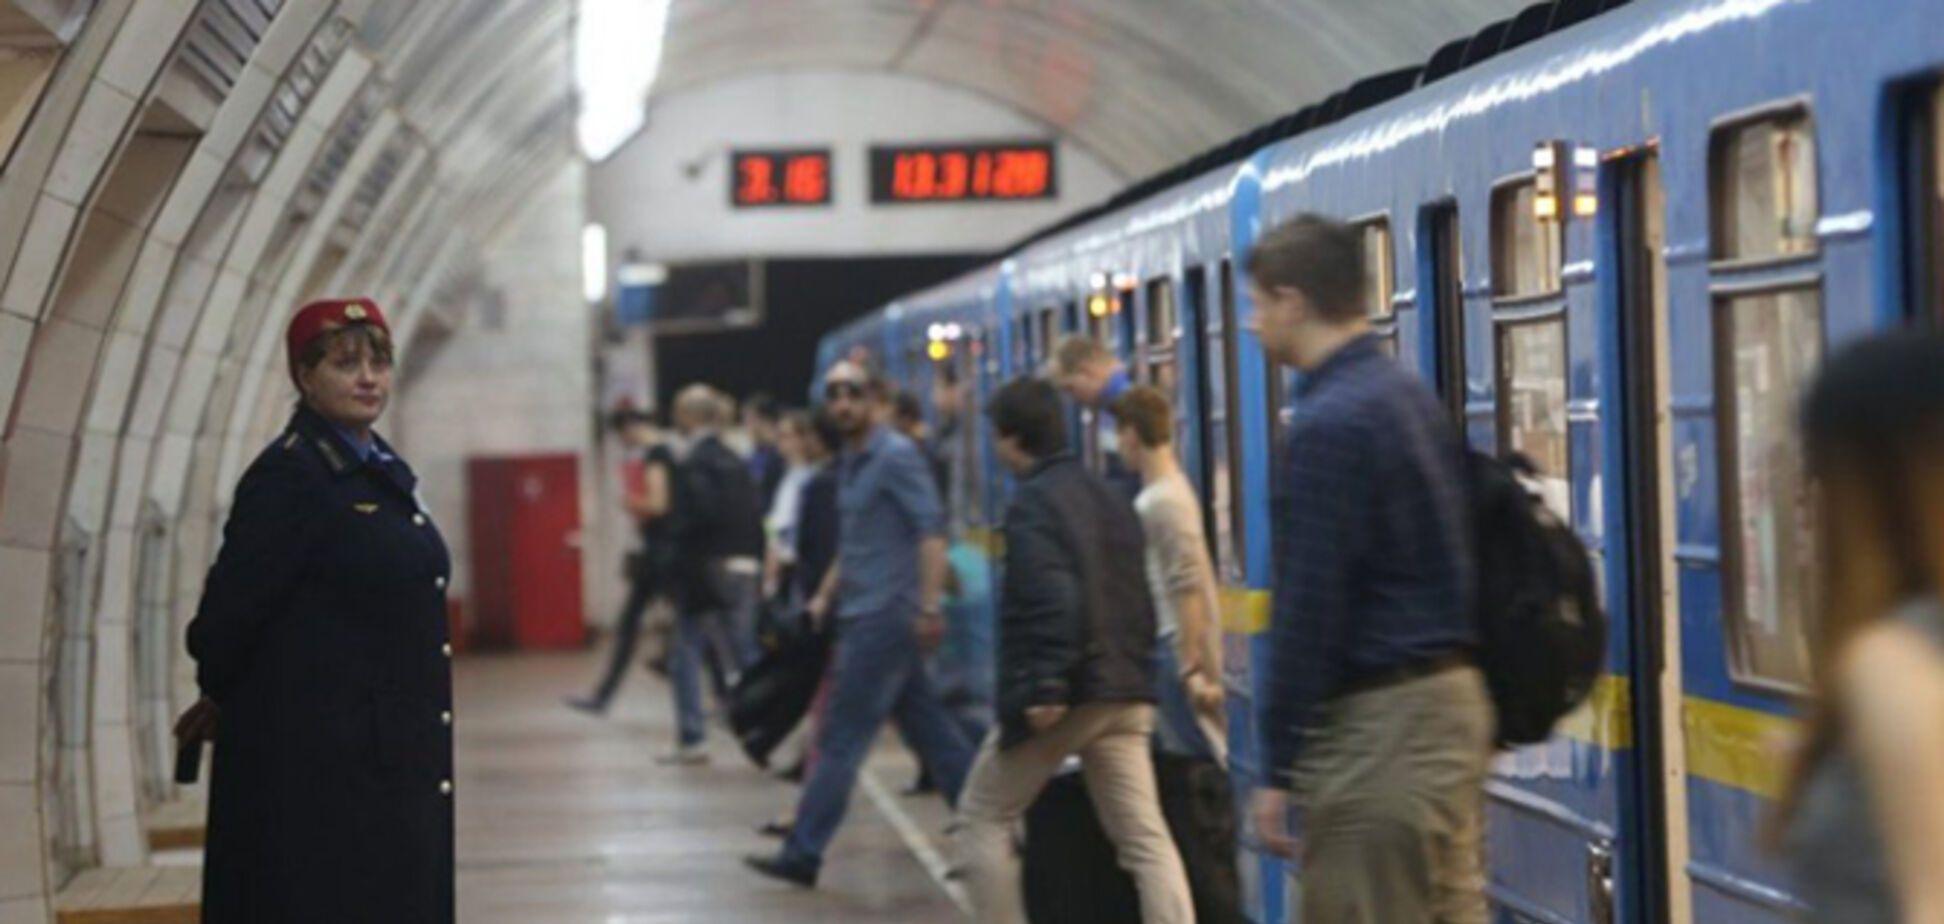 Пассажиров киевского метро начали распознавать видеокамеры